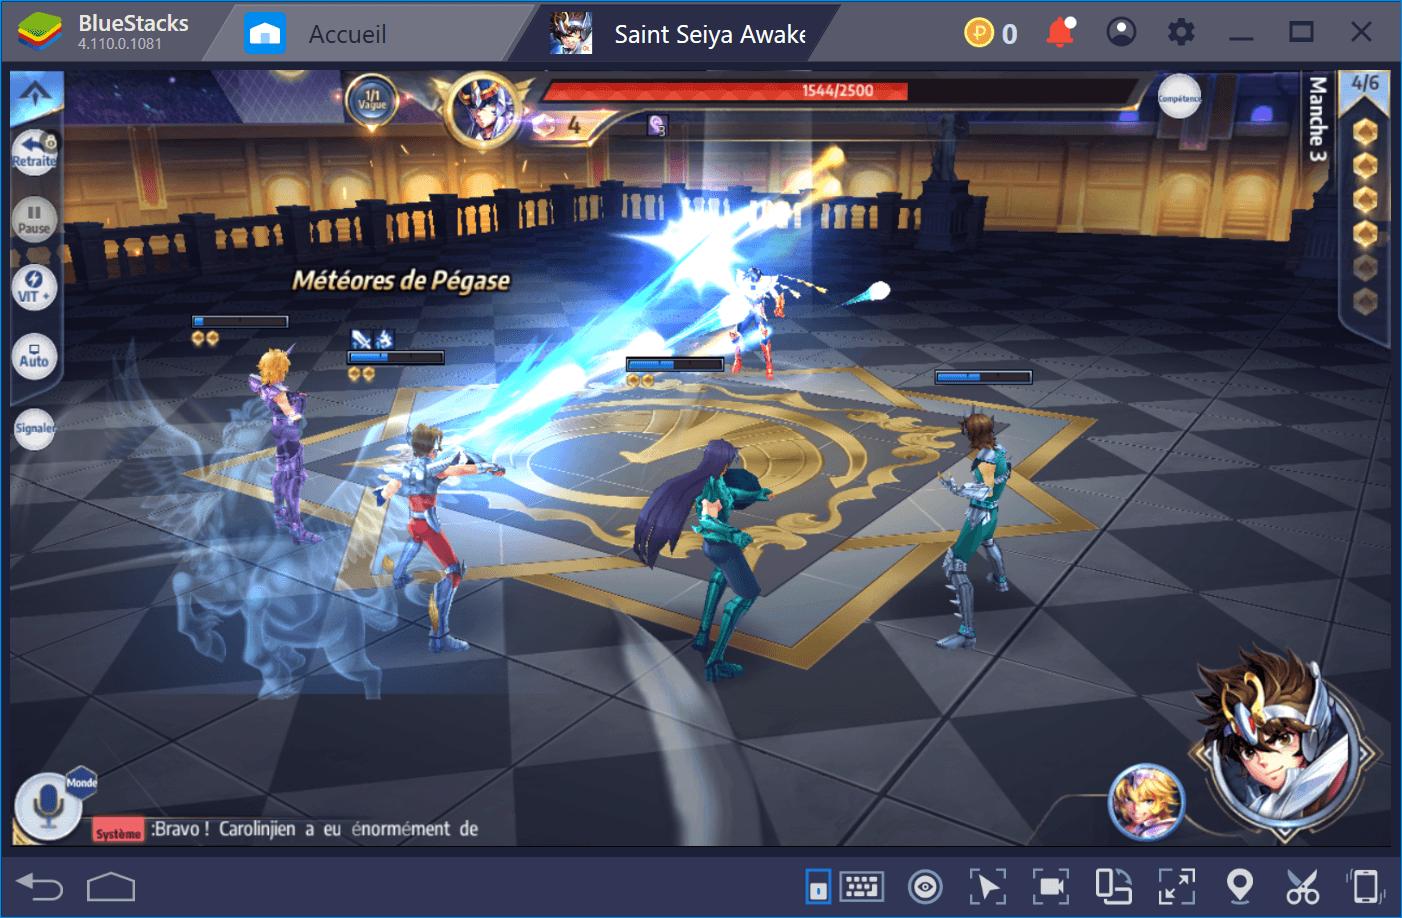 Saint Seiya Awakening : Faire du Reroll pour débloquer les meilleurs personnages